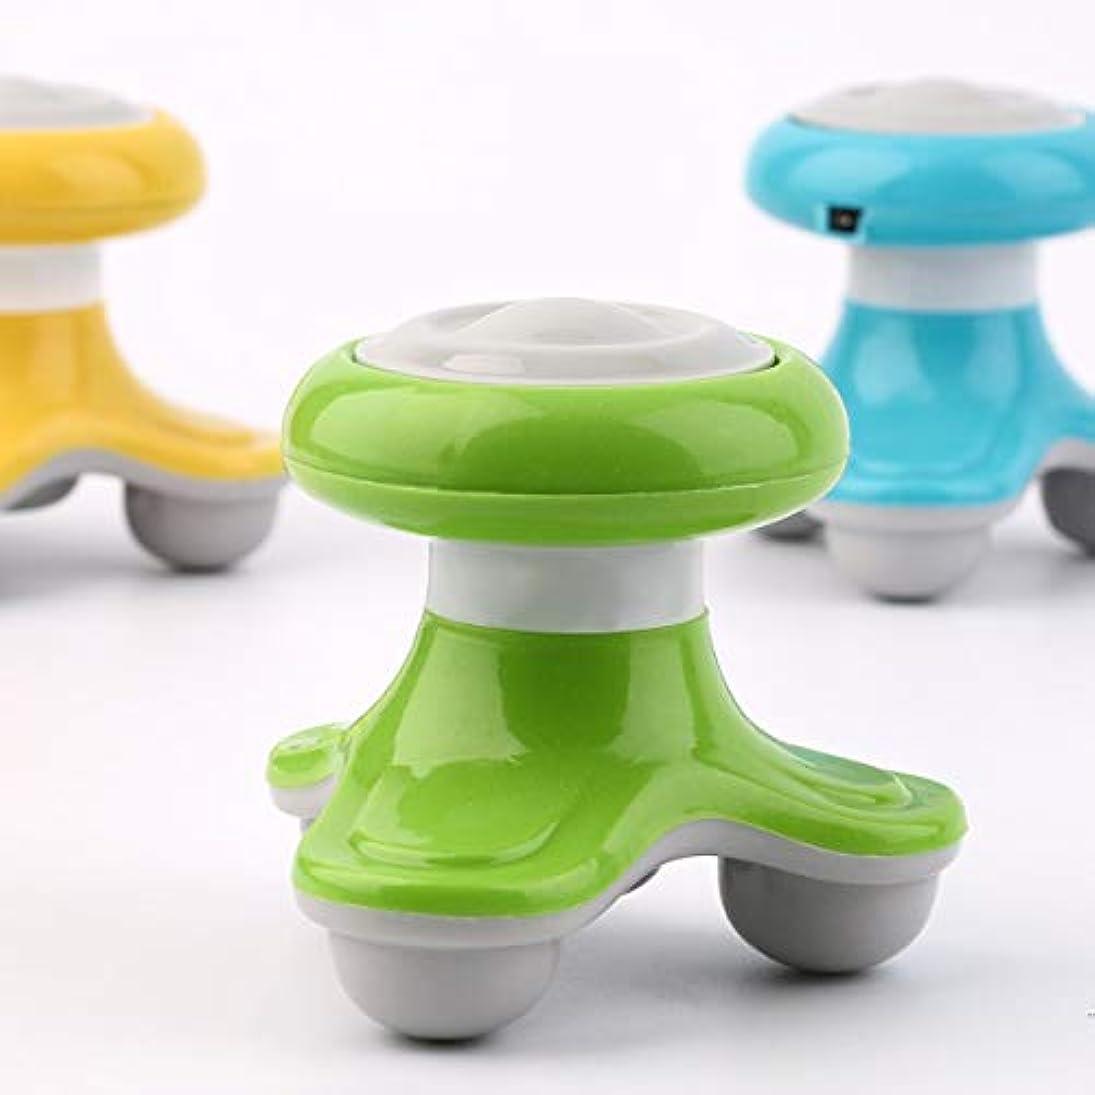 シンプルさパンツソブリケットMini Electric Handled Wave Vibrating Massager USB Battery Full Body Massage Ultra-compact Lightweight Convenient...